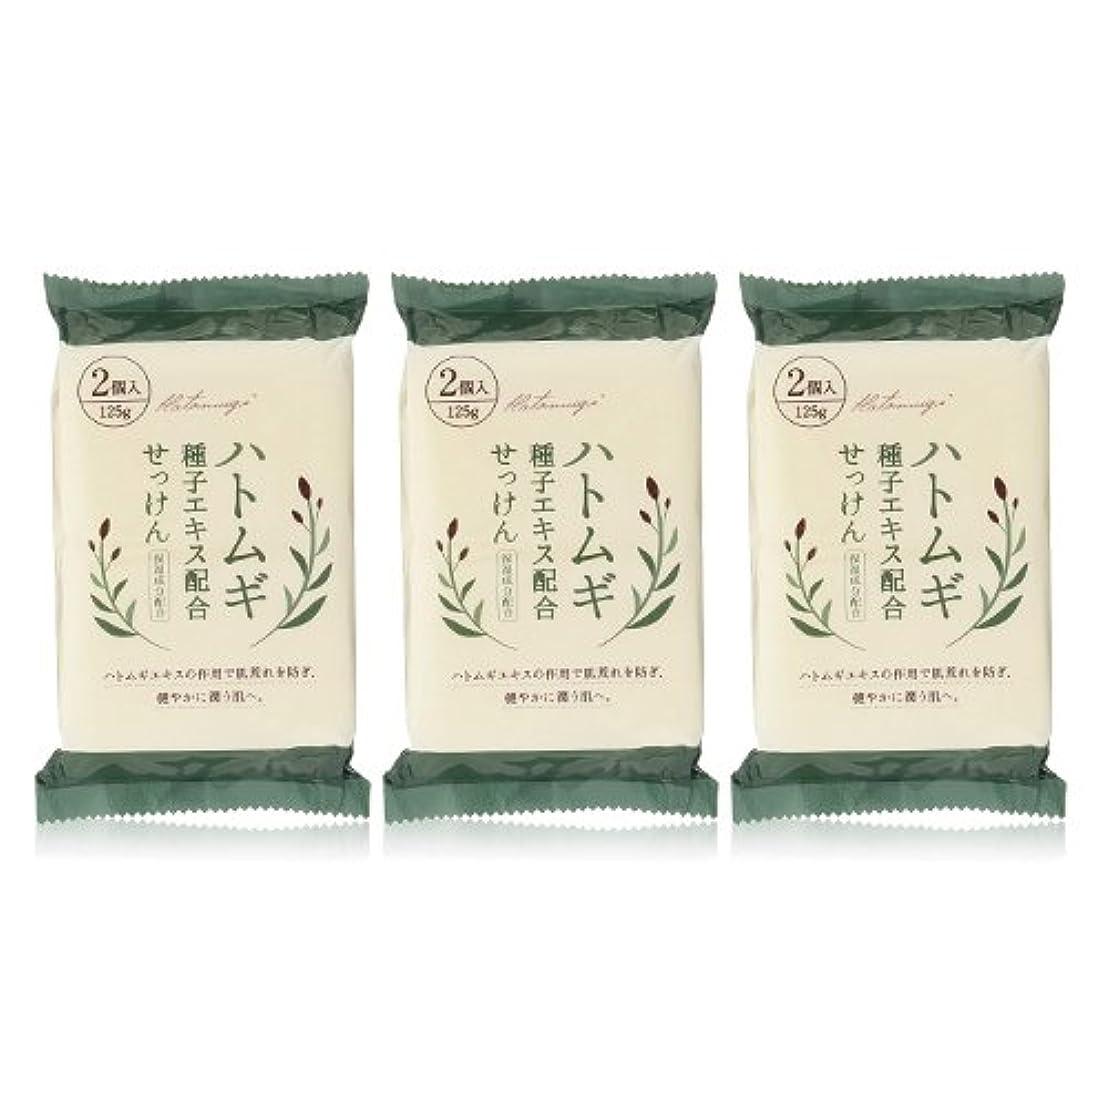 オーラルショートカット提出するハトムギ種子エキス配合石けん 125g(2コ入)×3個セット(計6個)